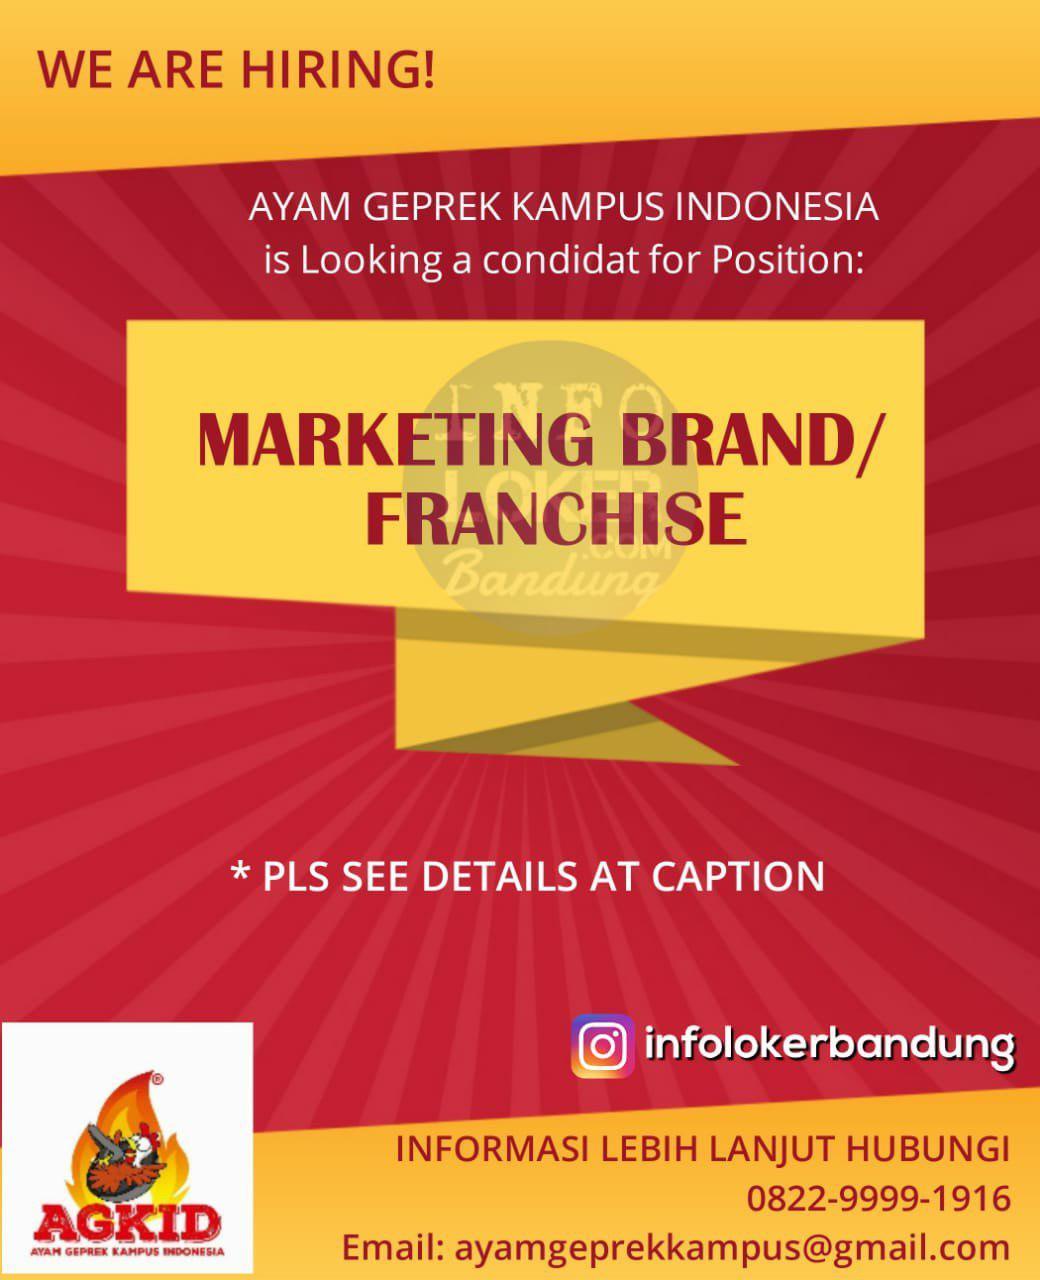 Lowongan Kerja Marketing Brand / Franchise Ayam Geprek Kampus Indonesia Bandung September 2018